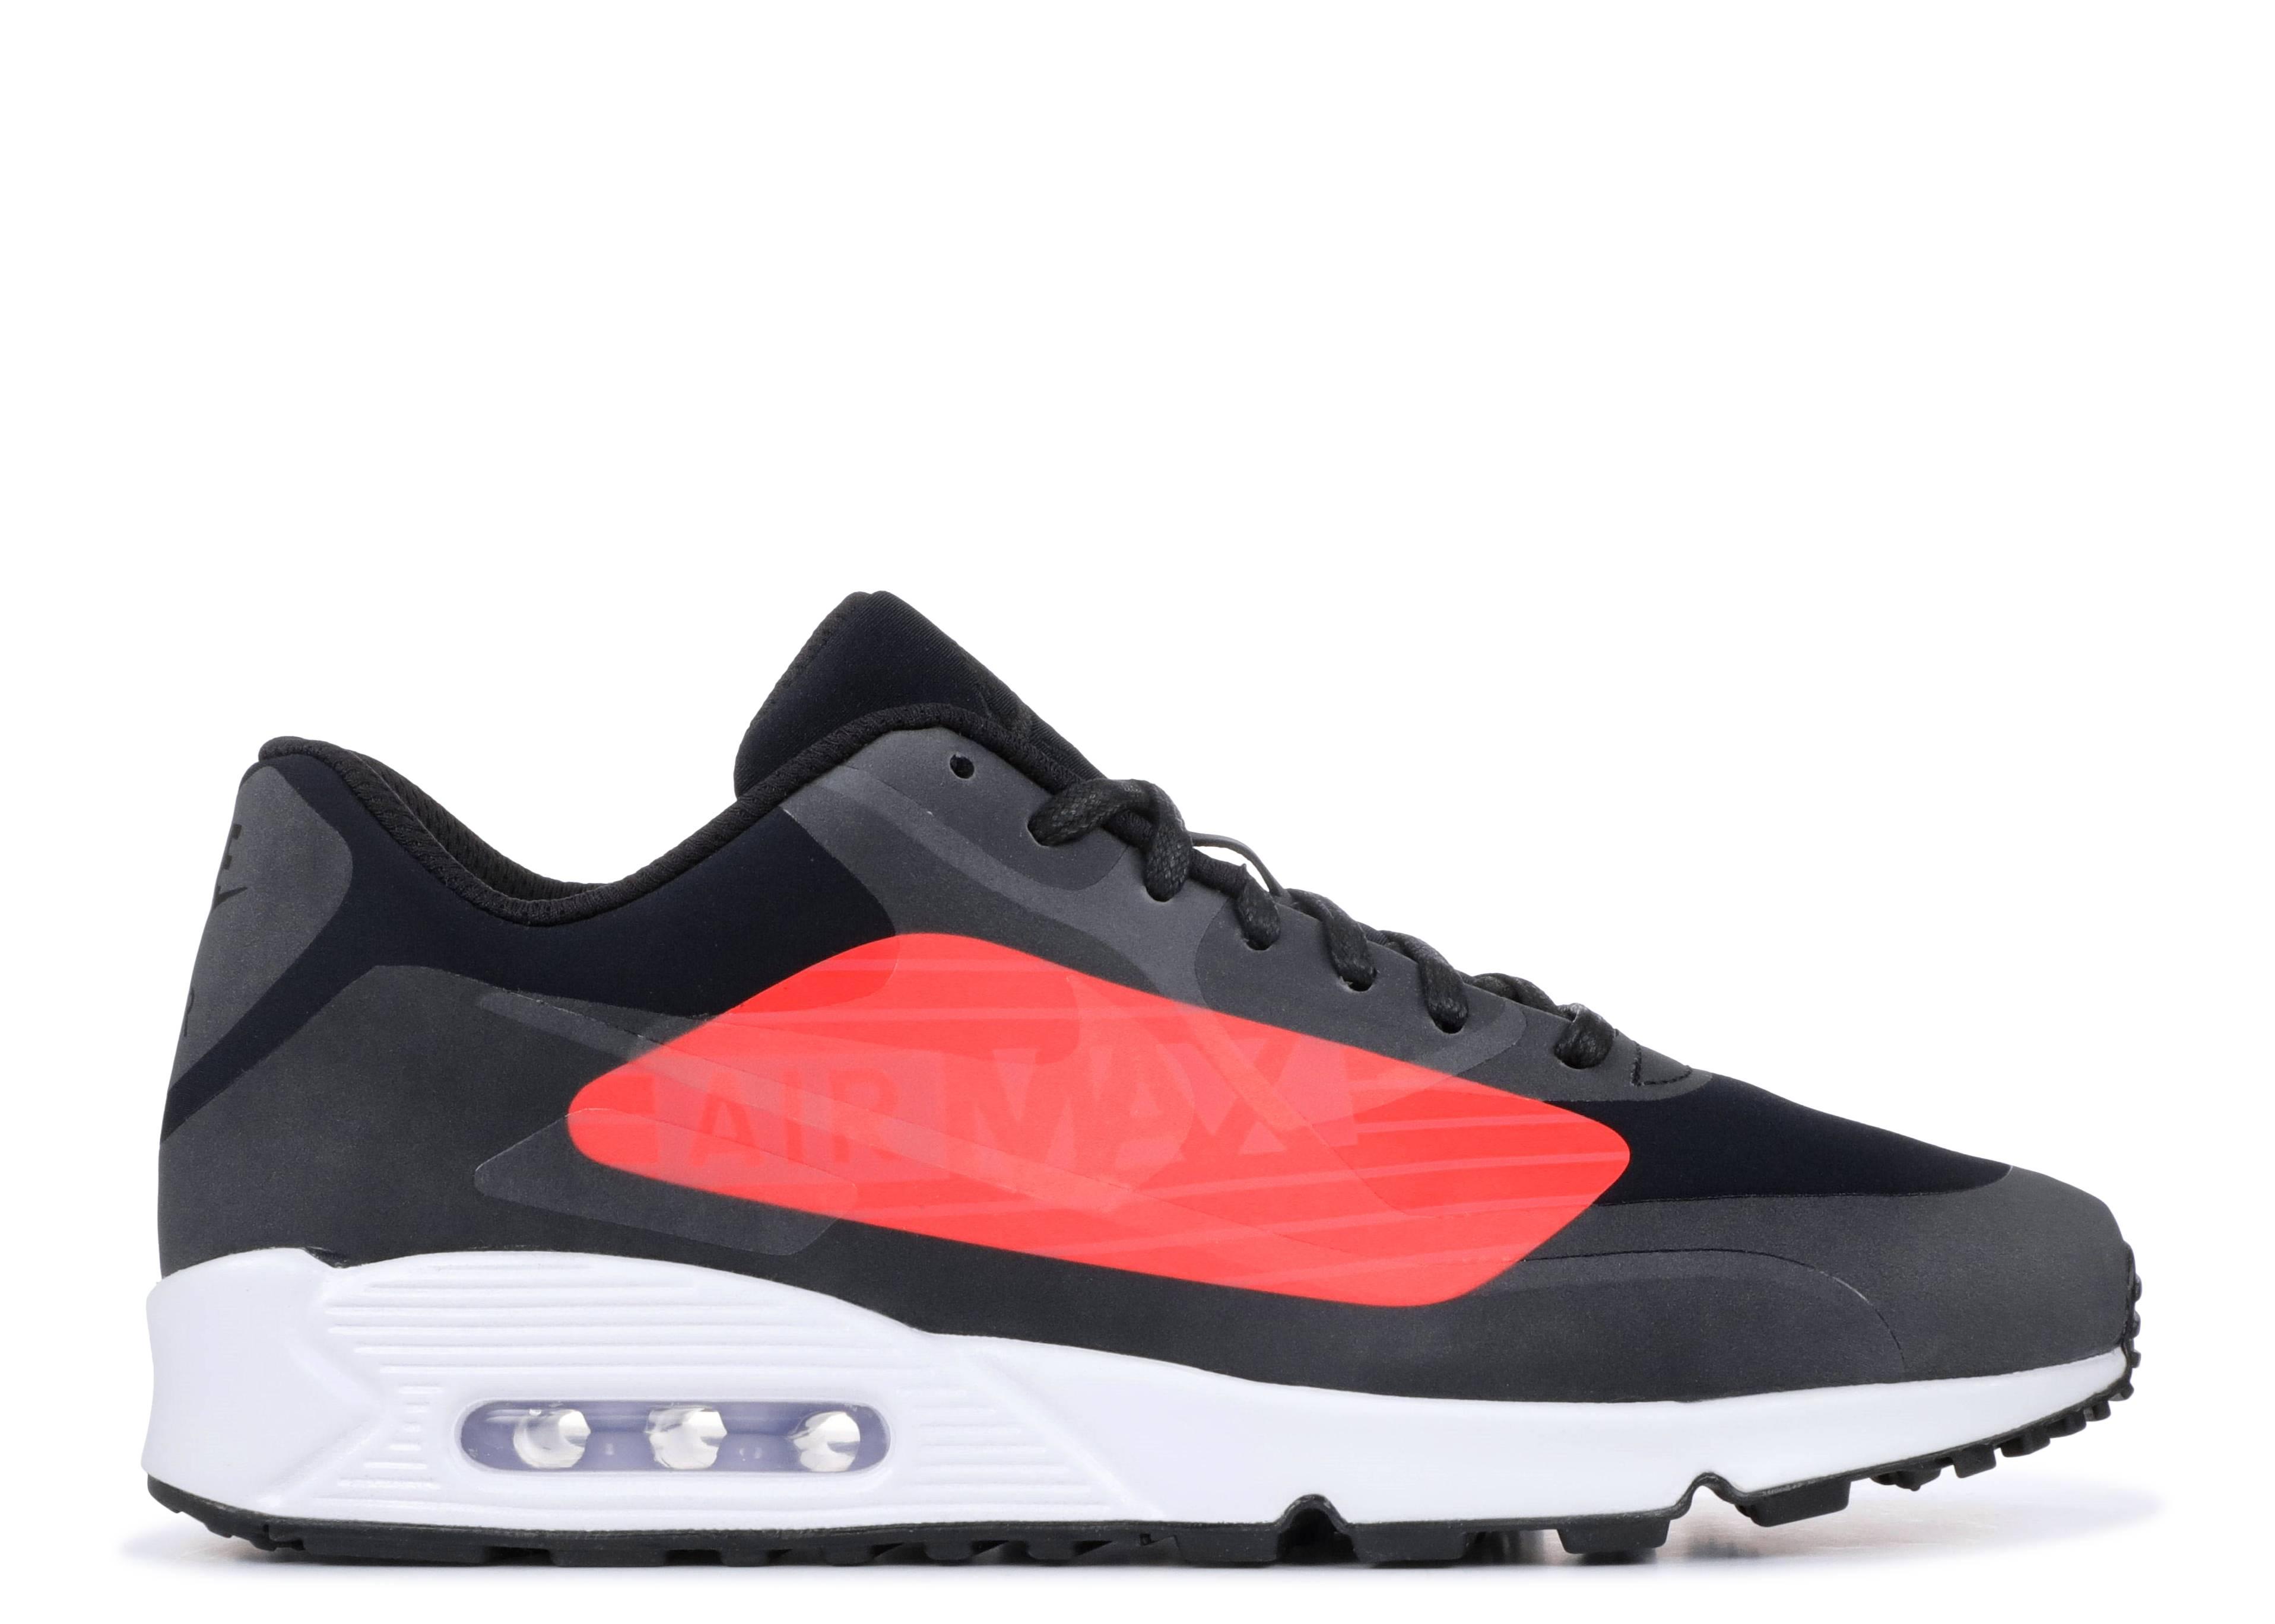 reputable site 4b696 880d0 Nike Air Max 90 Ns Gpx